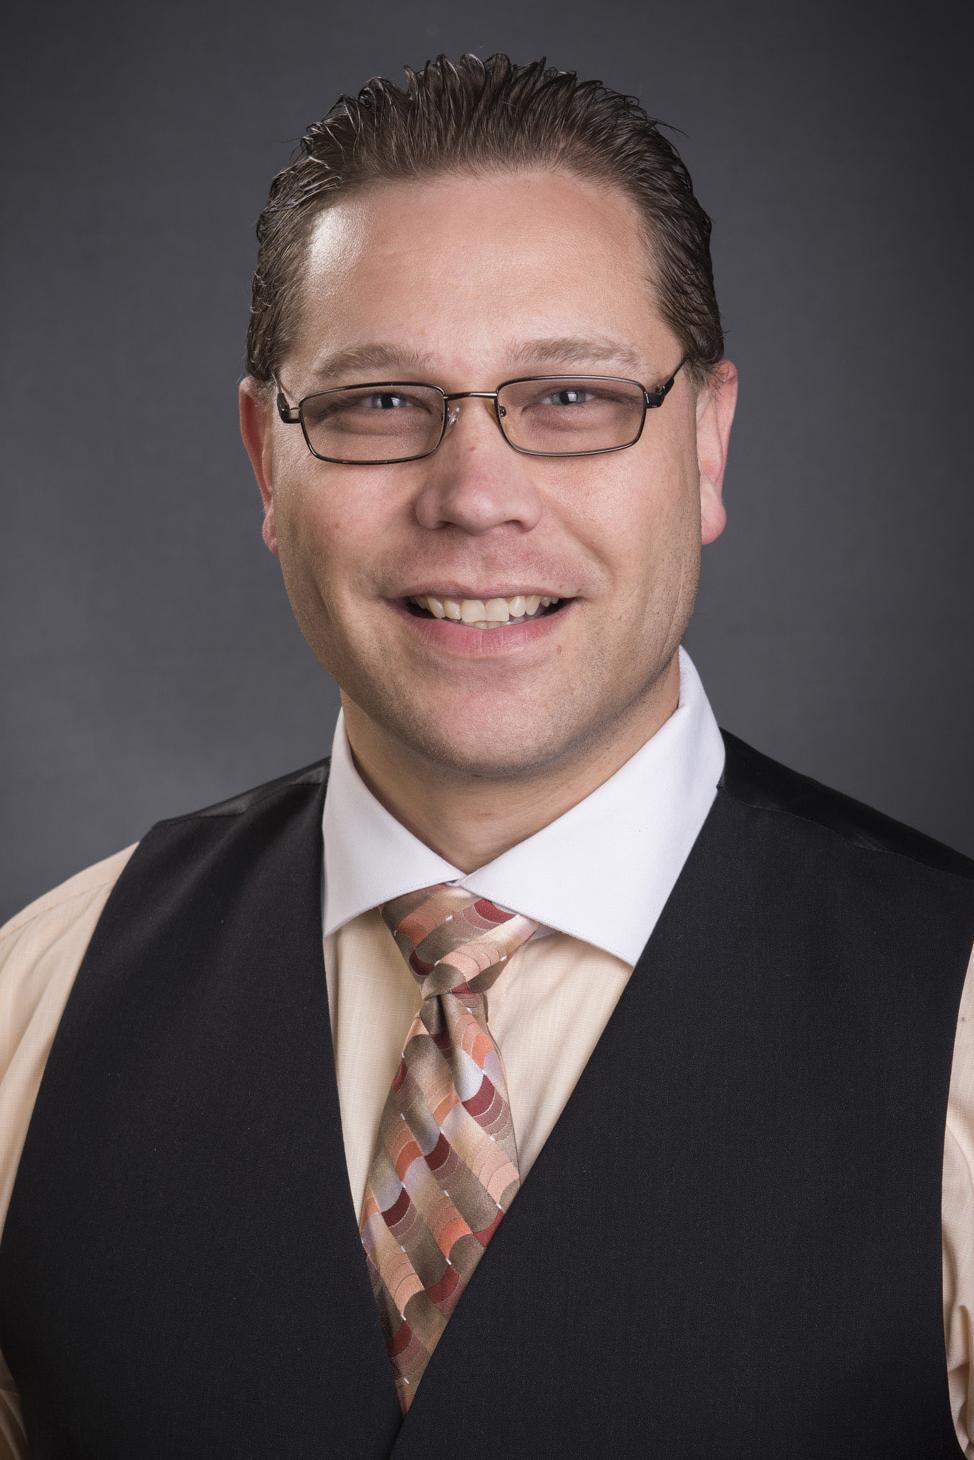 Scott Scheidt headshot